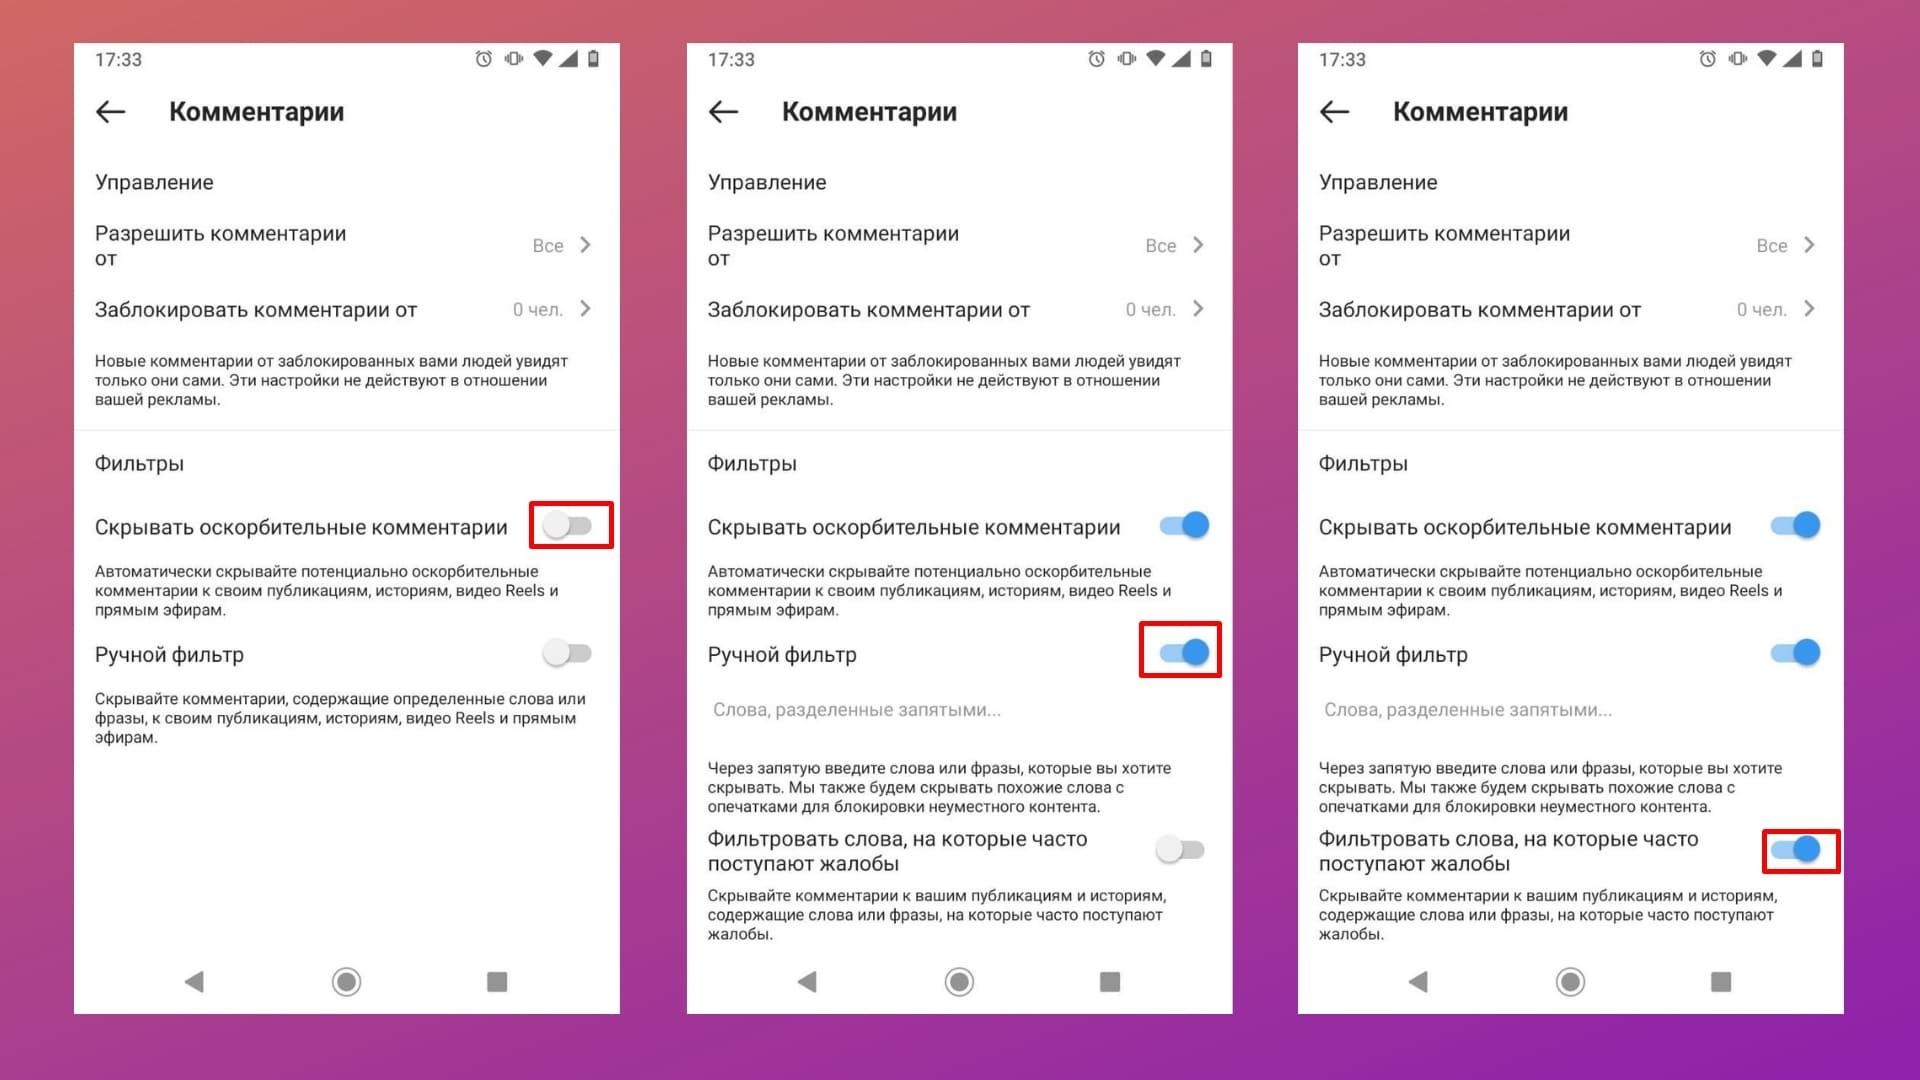 Как настроить автоматическую фильтрацию комментариев в Инстаграме